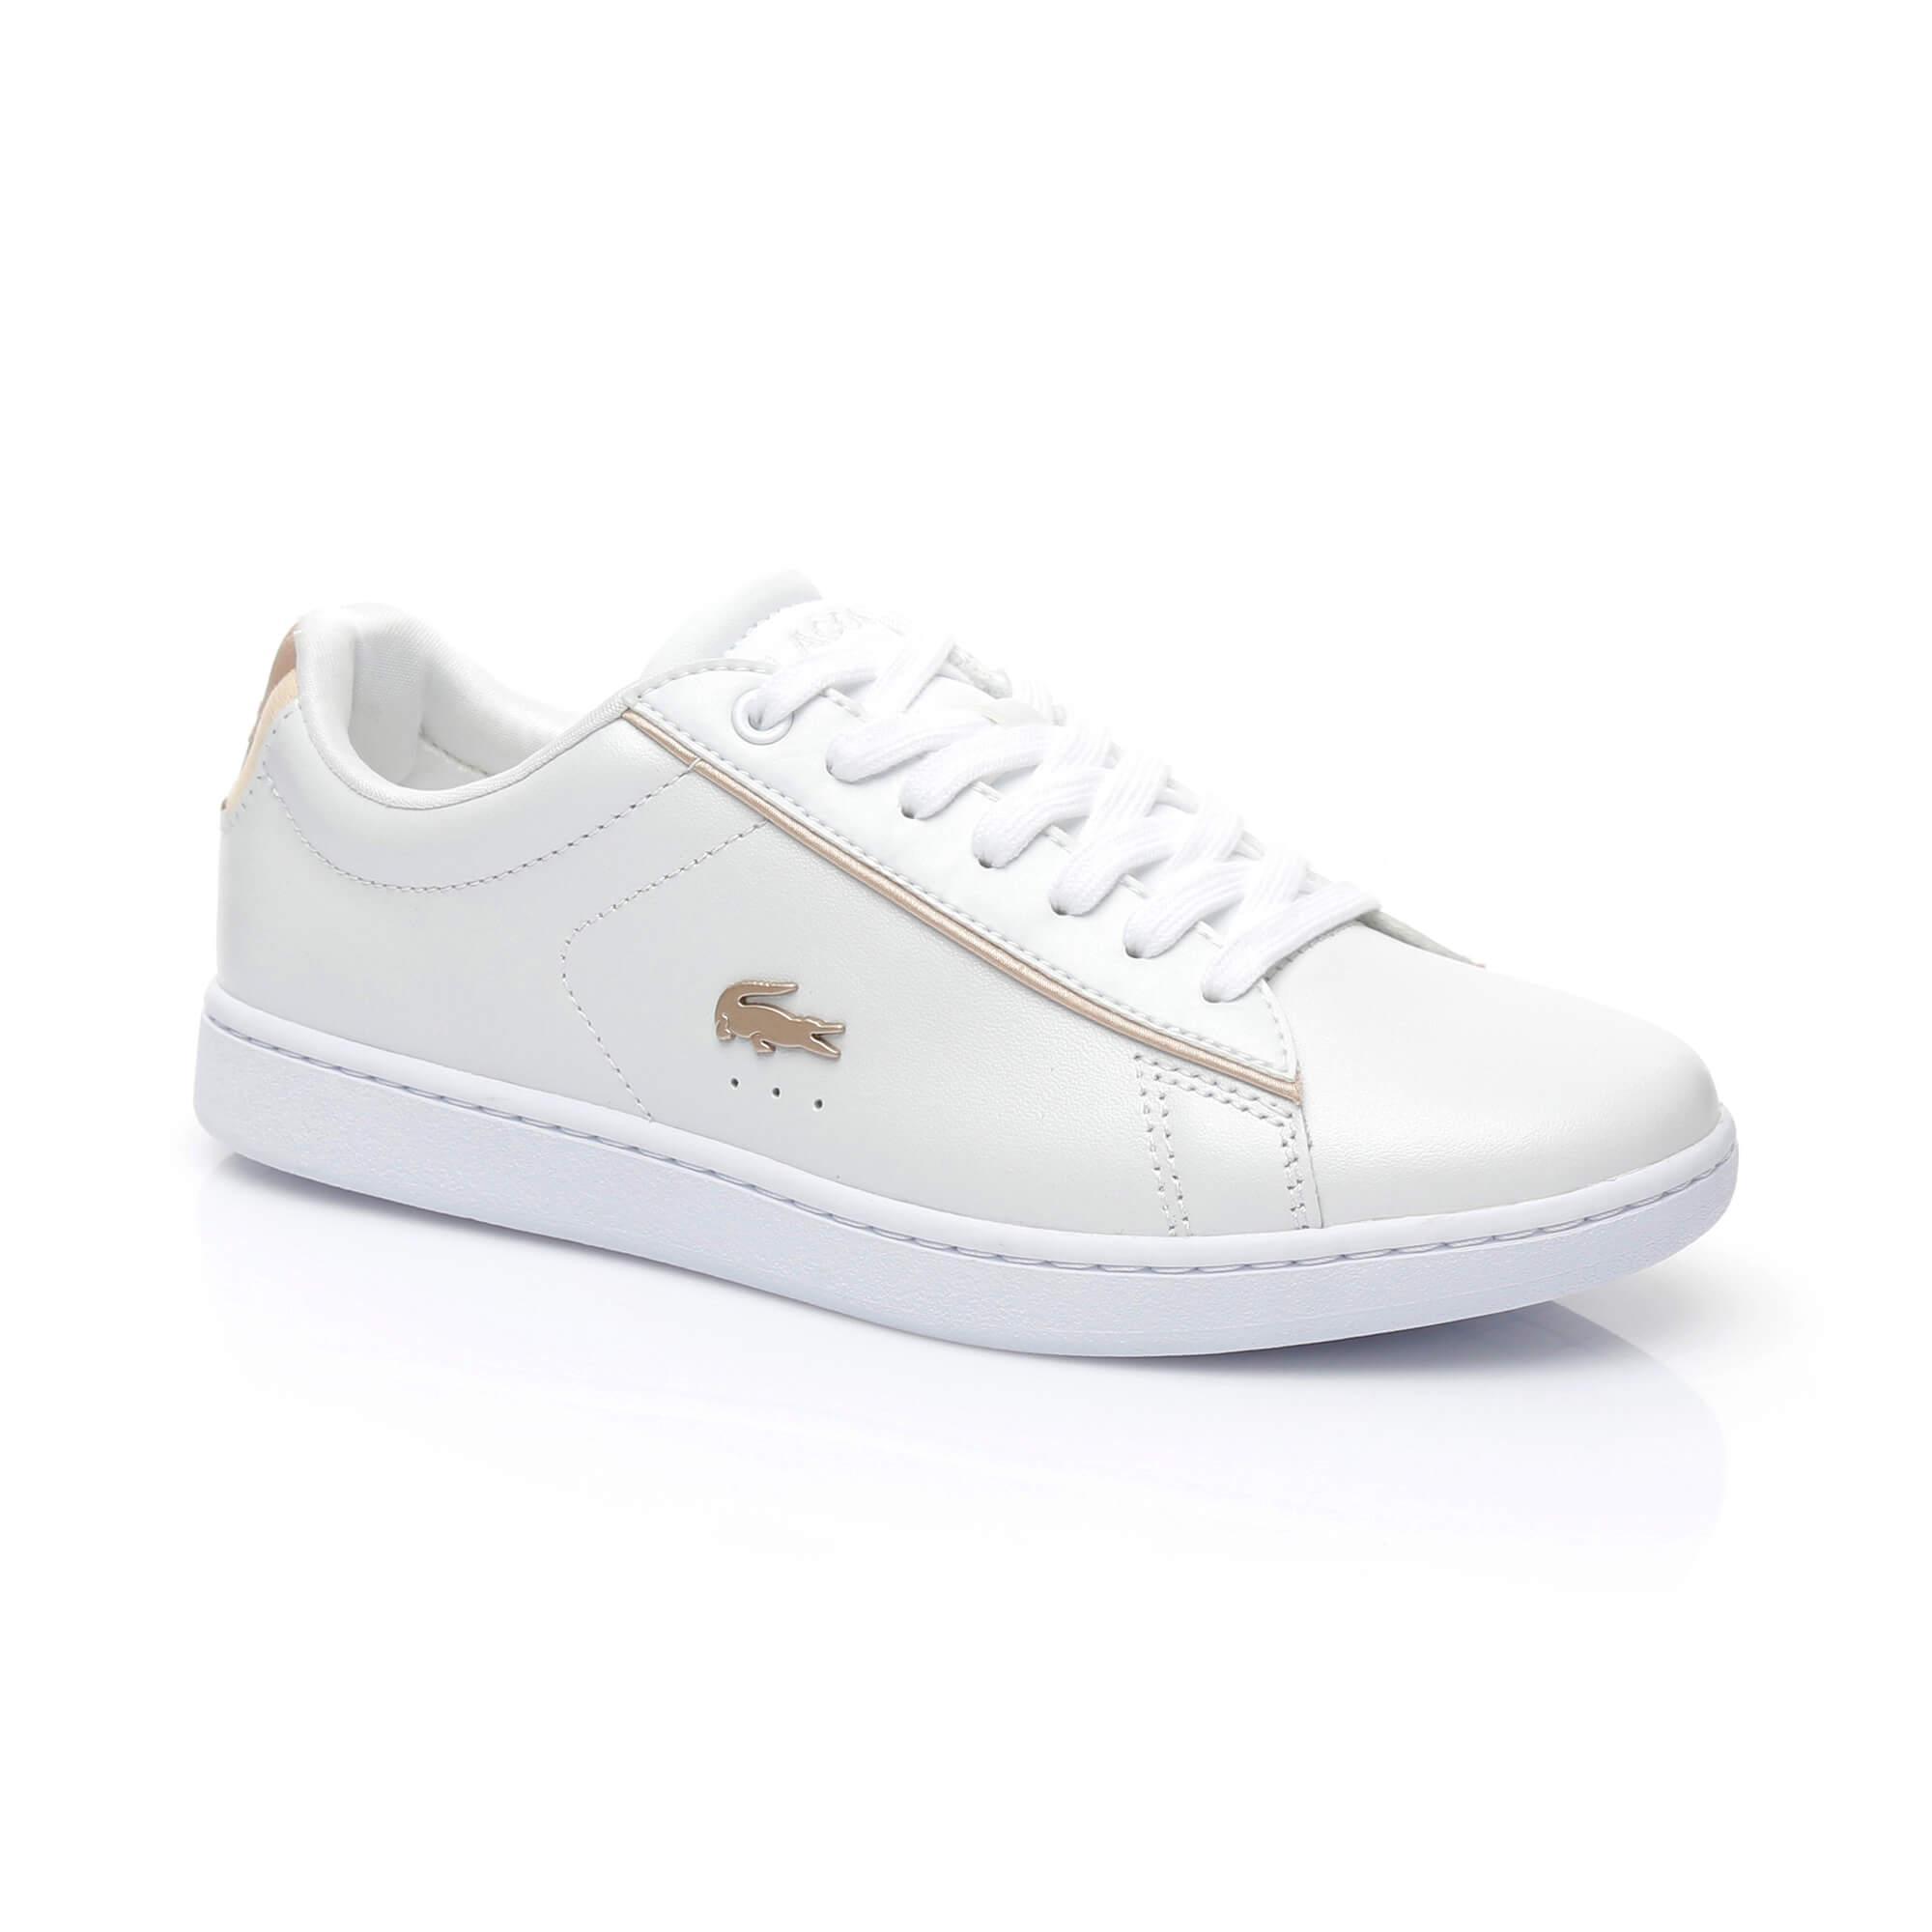 Lacoste Women's Carnaby Evo Sneakers